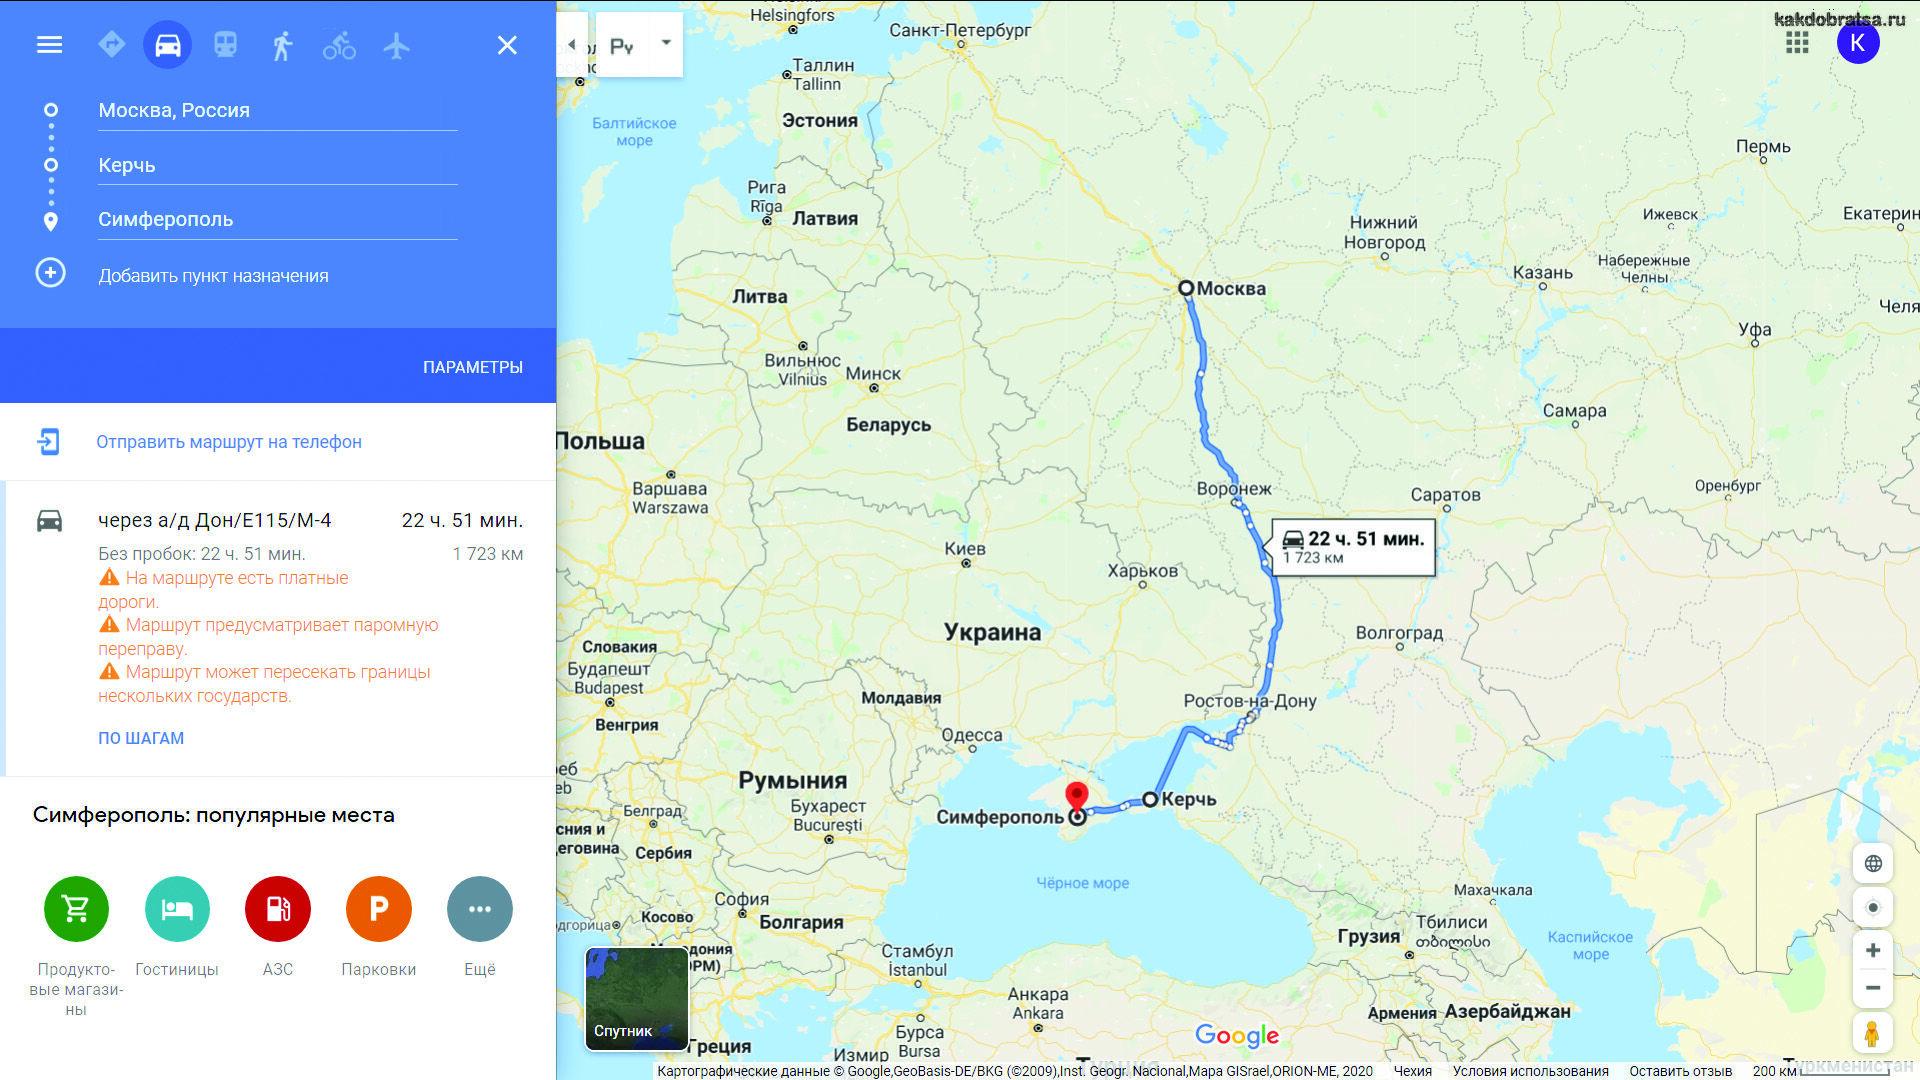 Как добраться из Москвы в Крым - карта